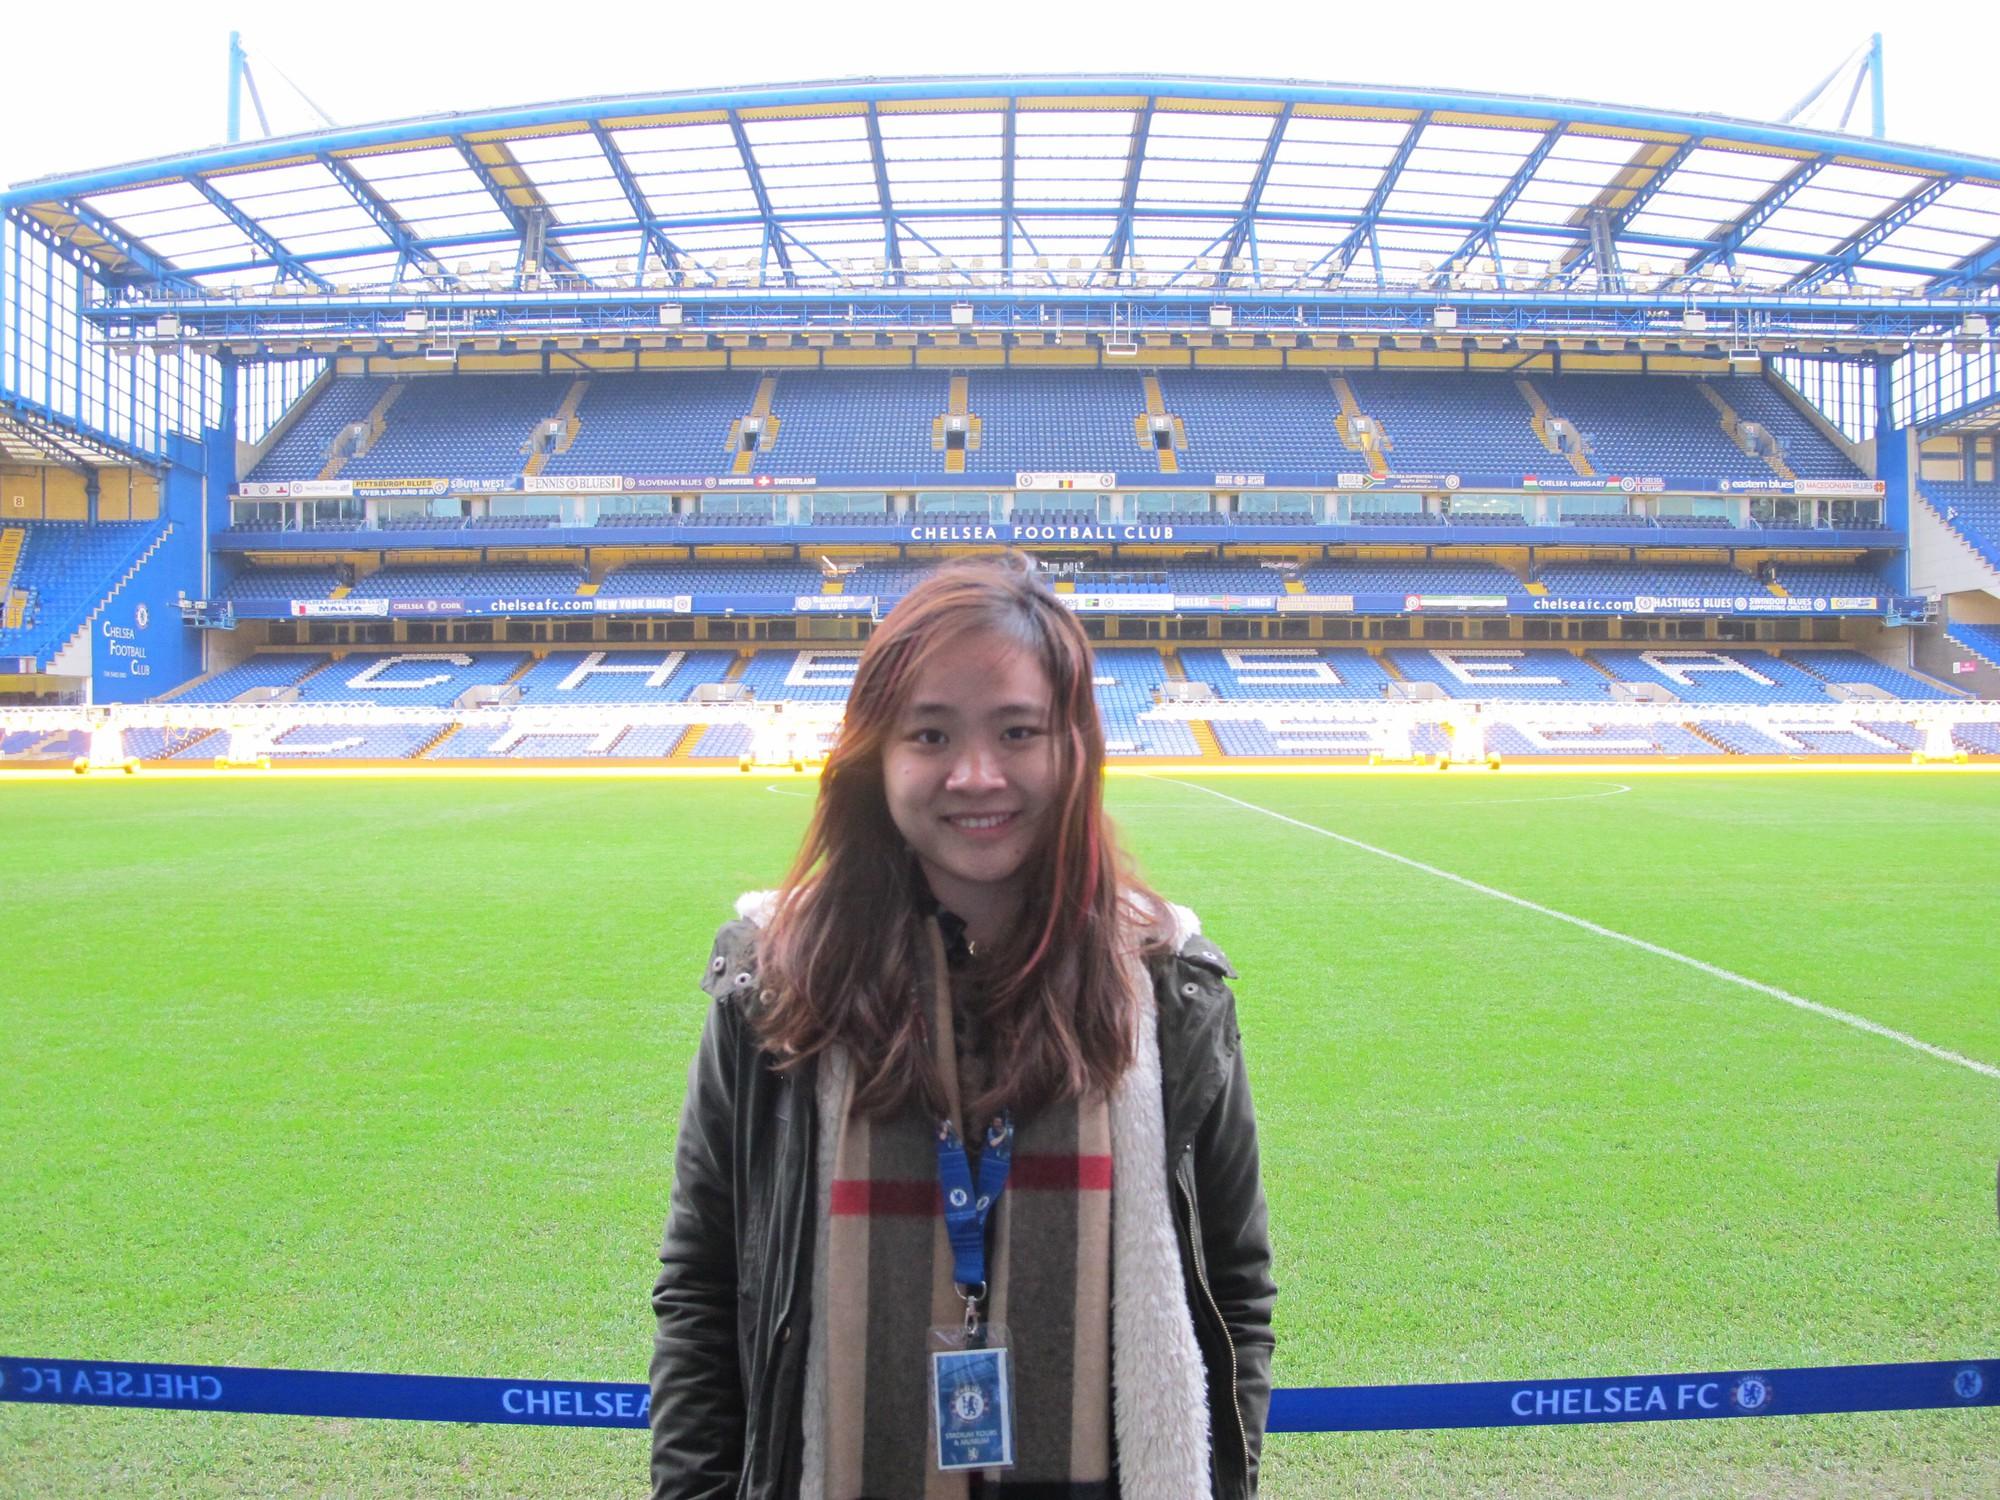 Fan nữ Việt xinh xắn dành cả thanh xuân để đi hết 14 sân vận động nổi tiếng ở châu Âu - Ảnh 4.